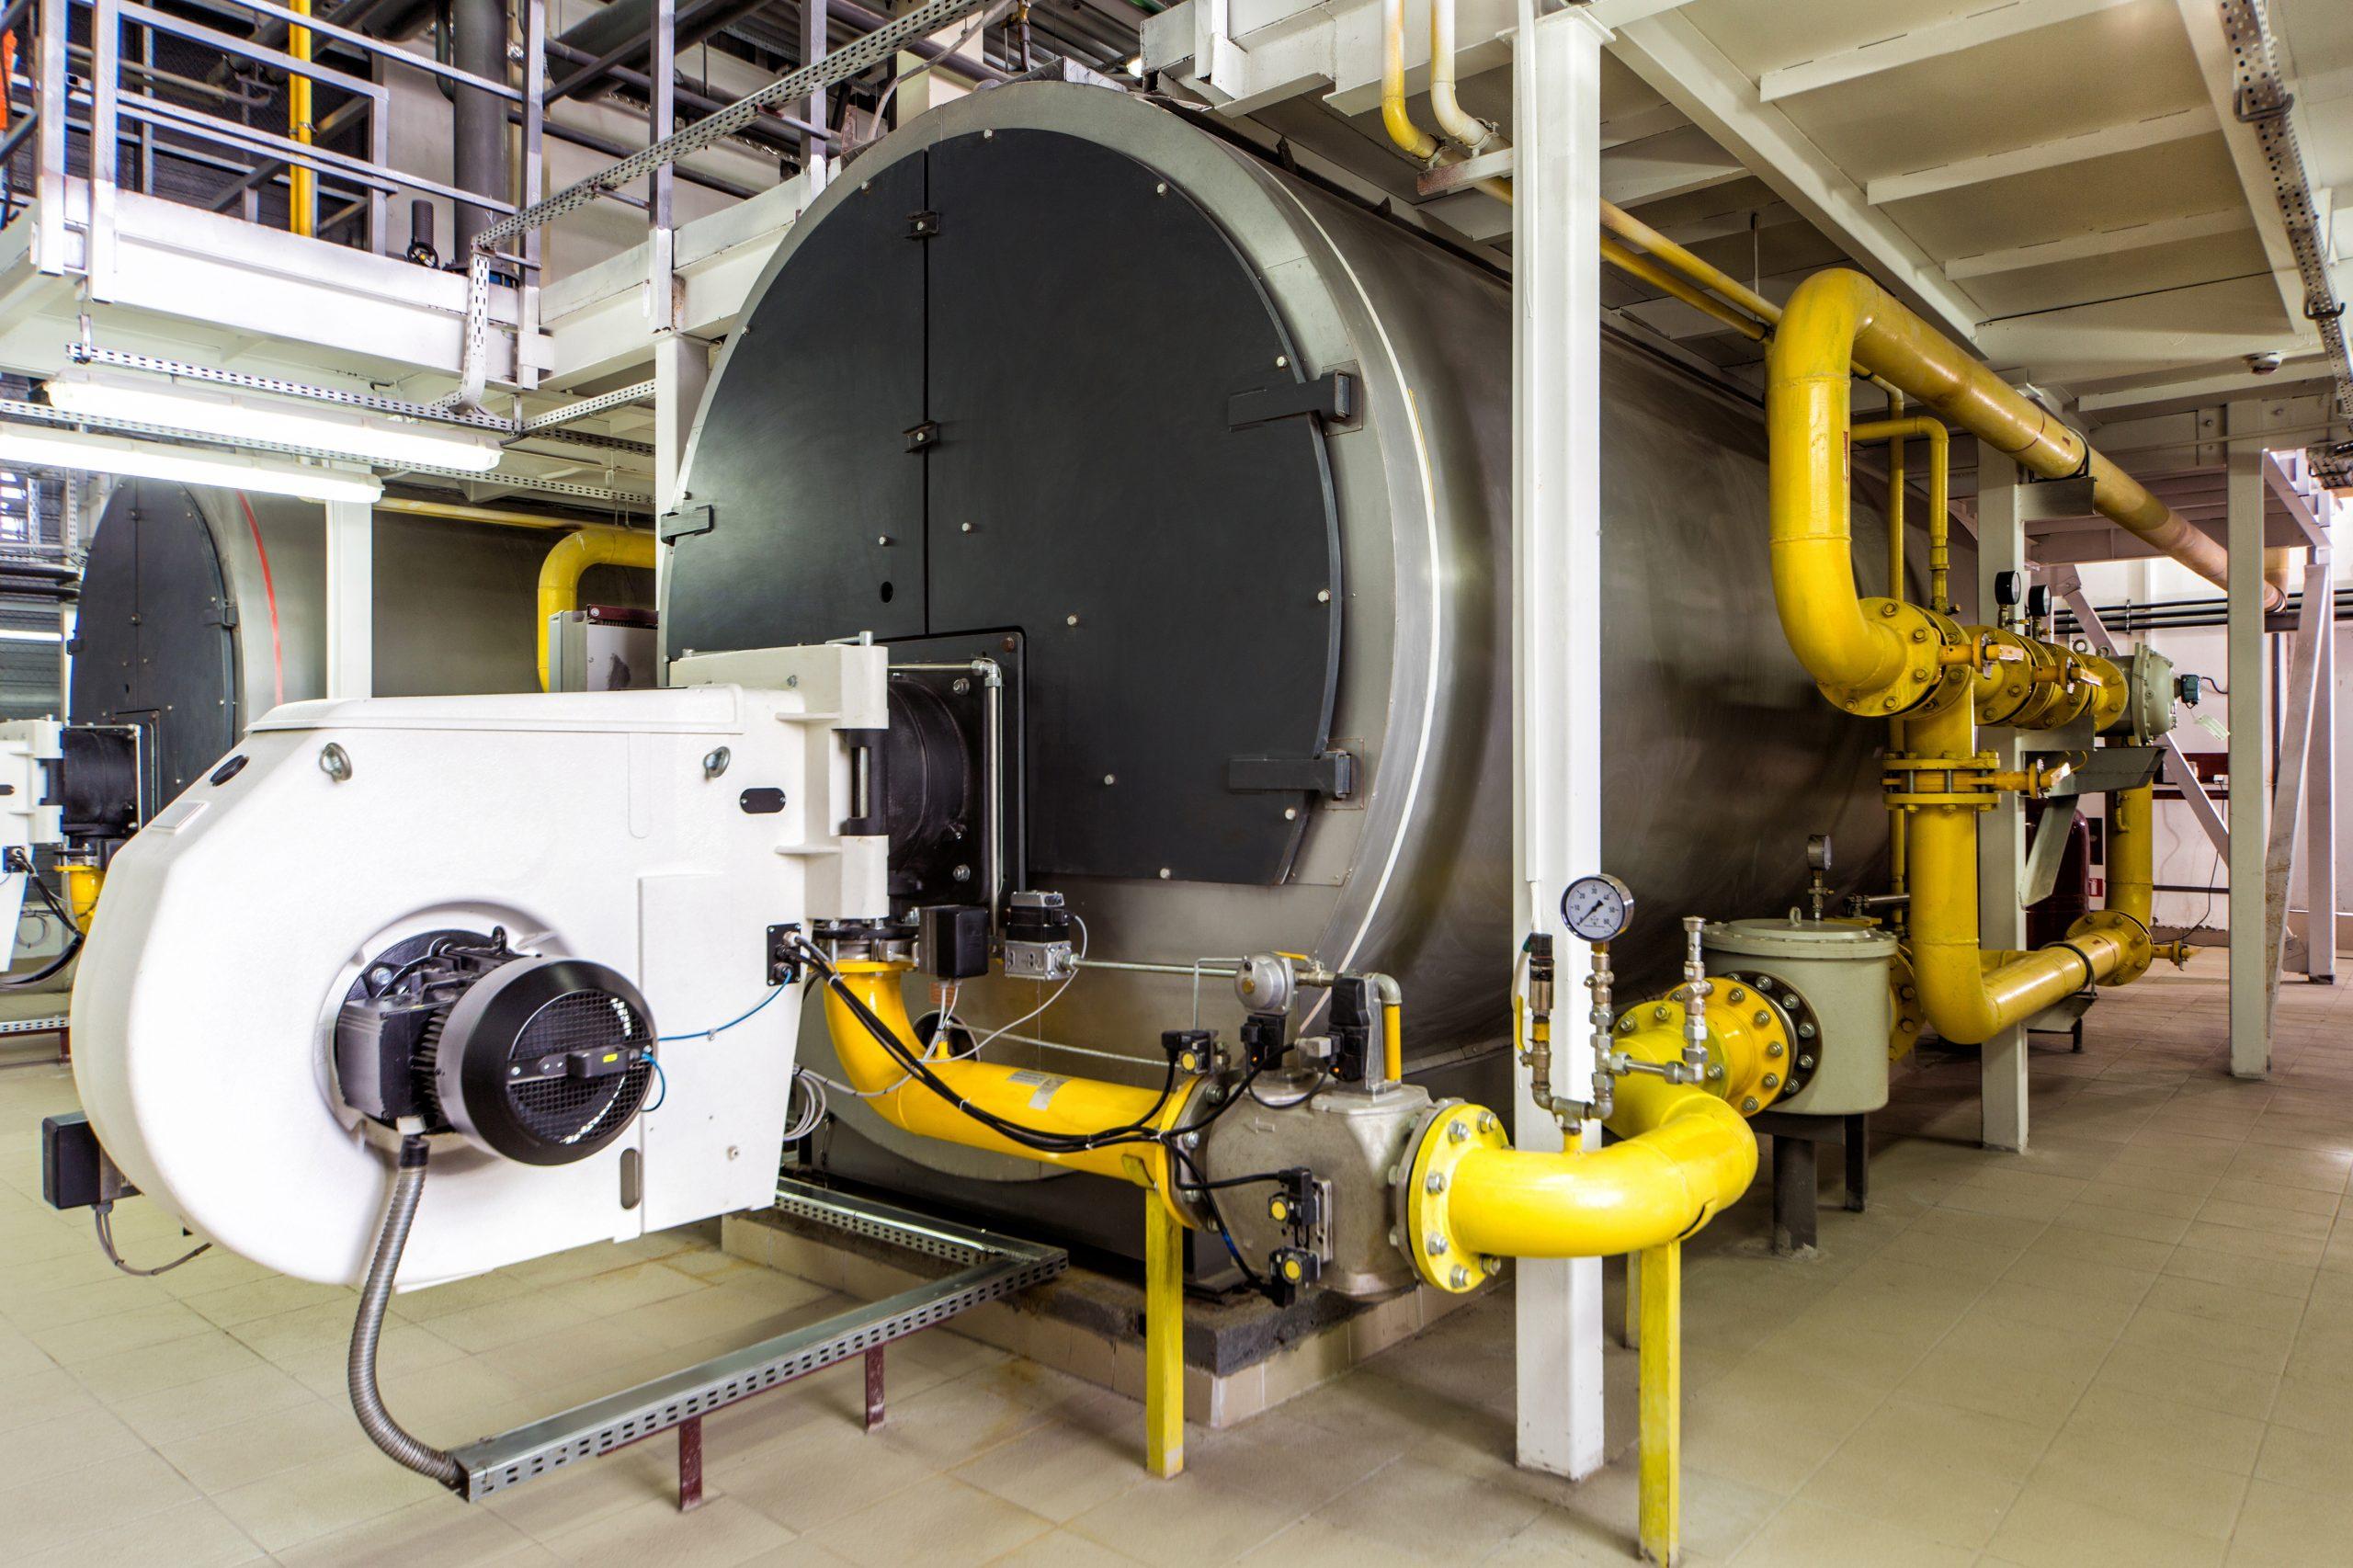 commercial fire tube steam boiler heat